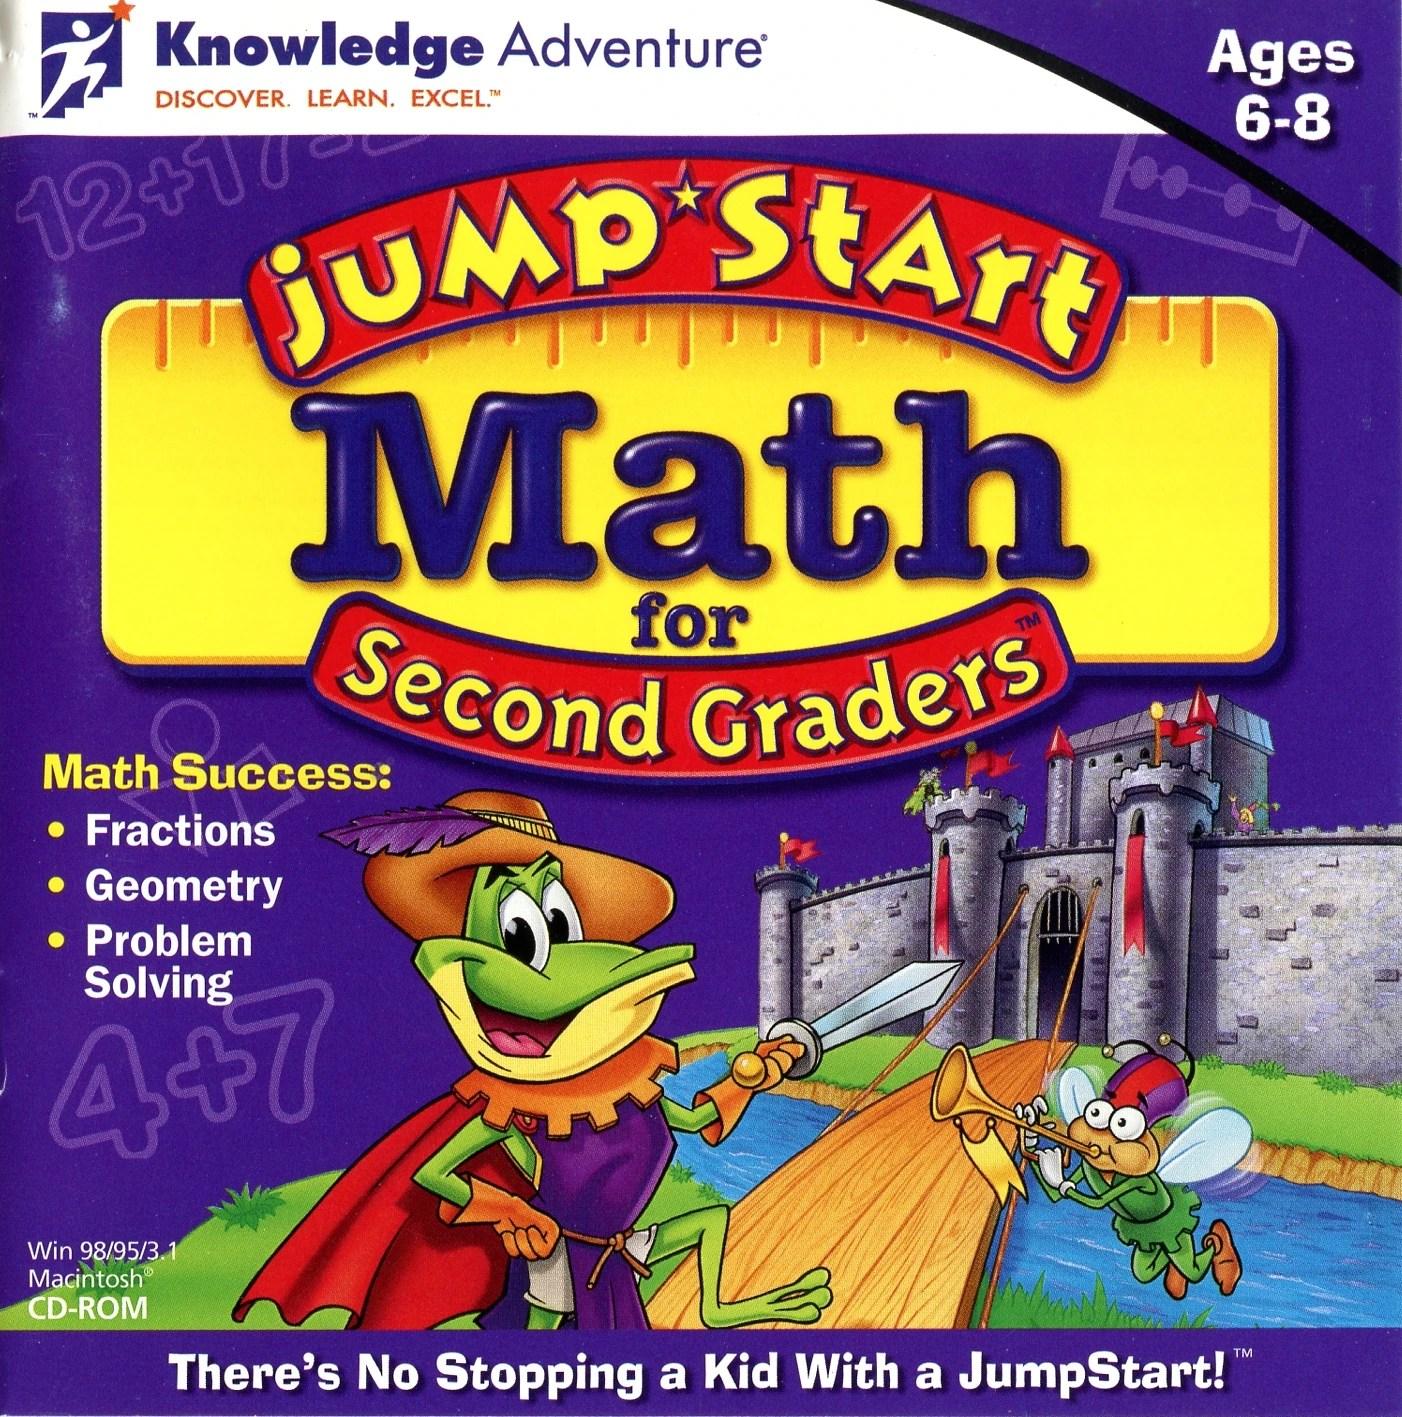 JumpStart Math for Second Graders   JumpStart Wiki   Fandom [ 1417 x 1402 Pixel ]